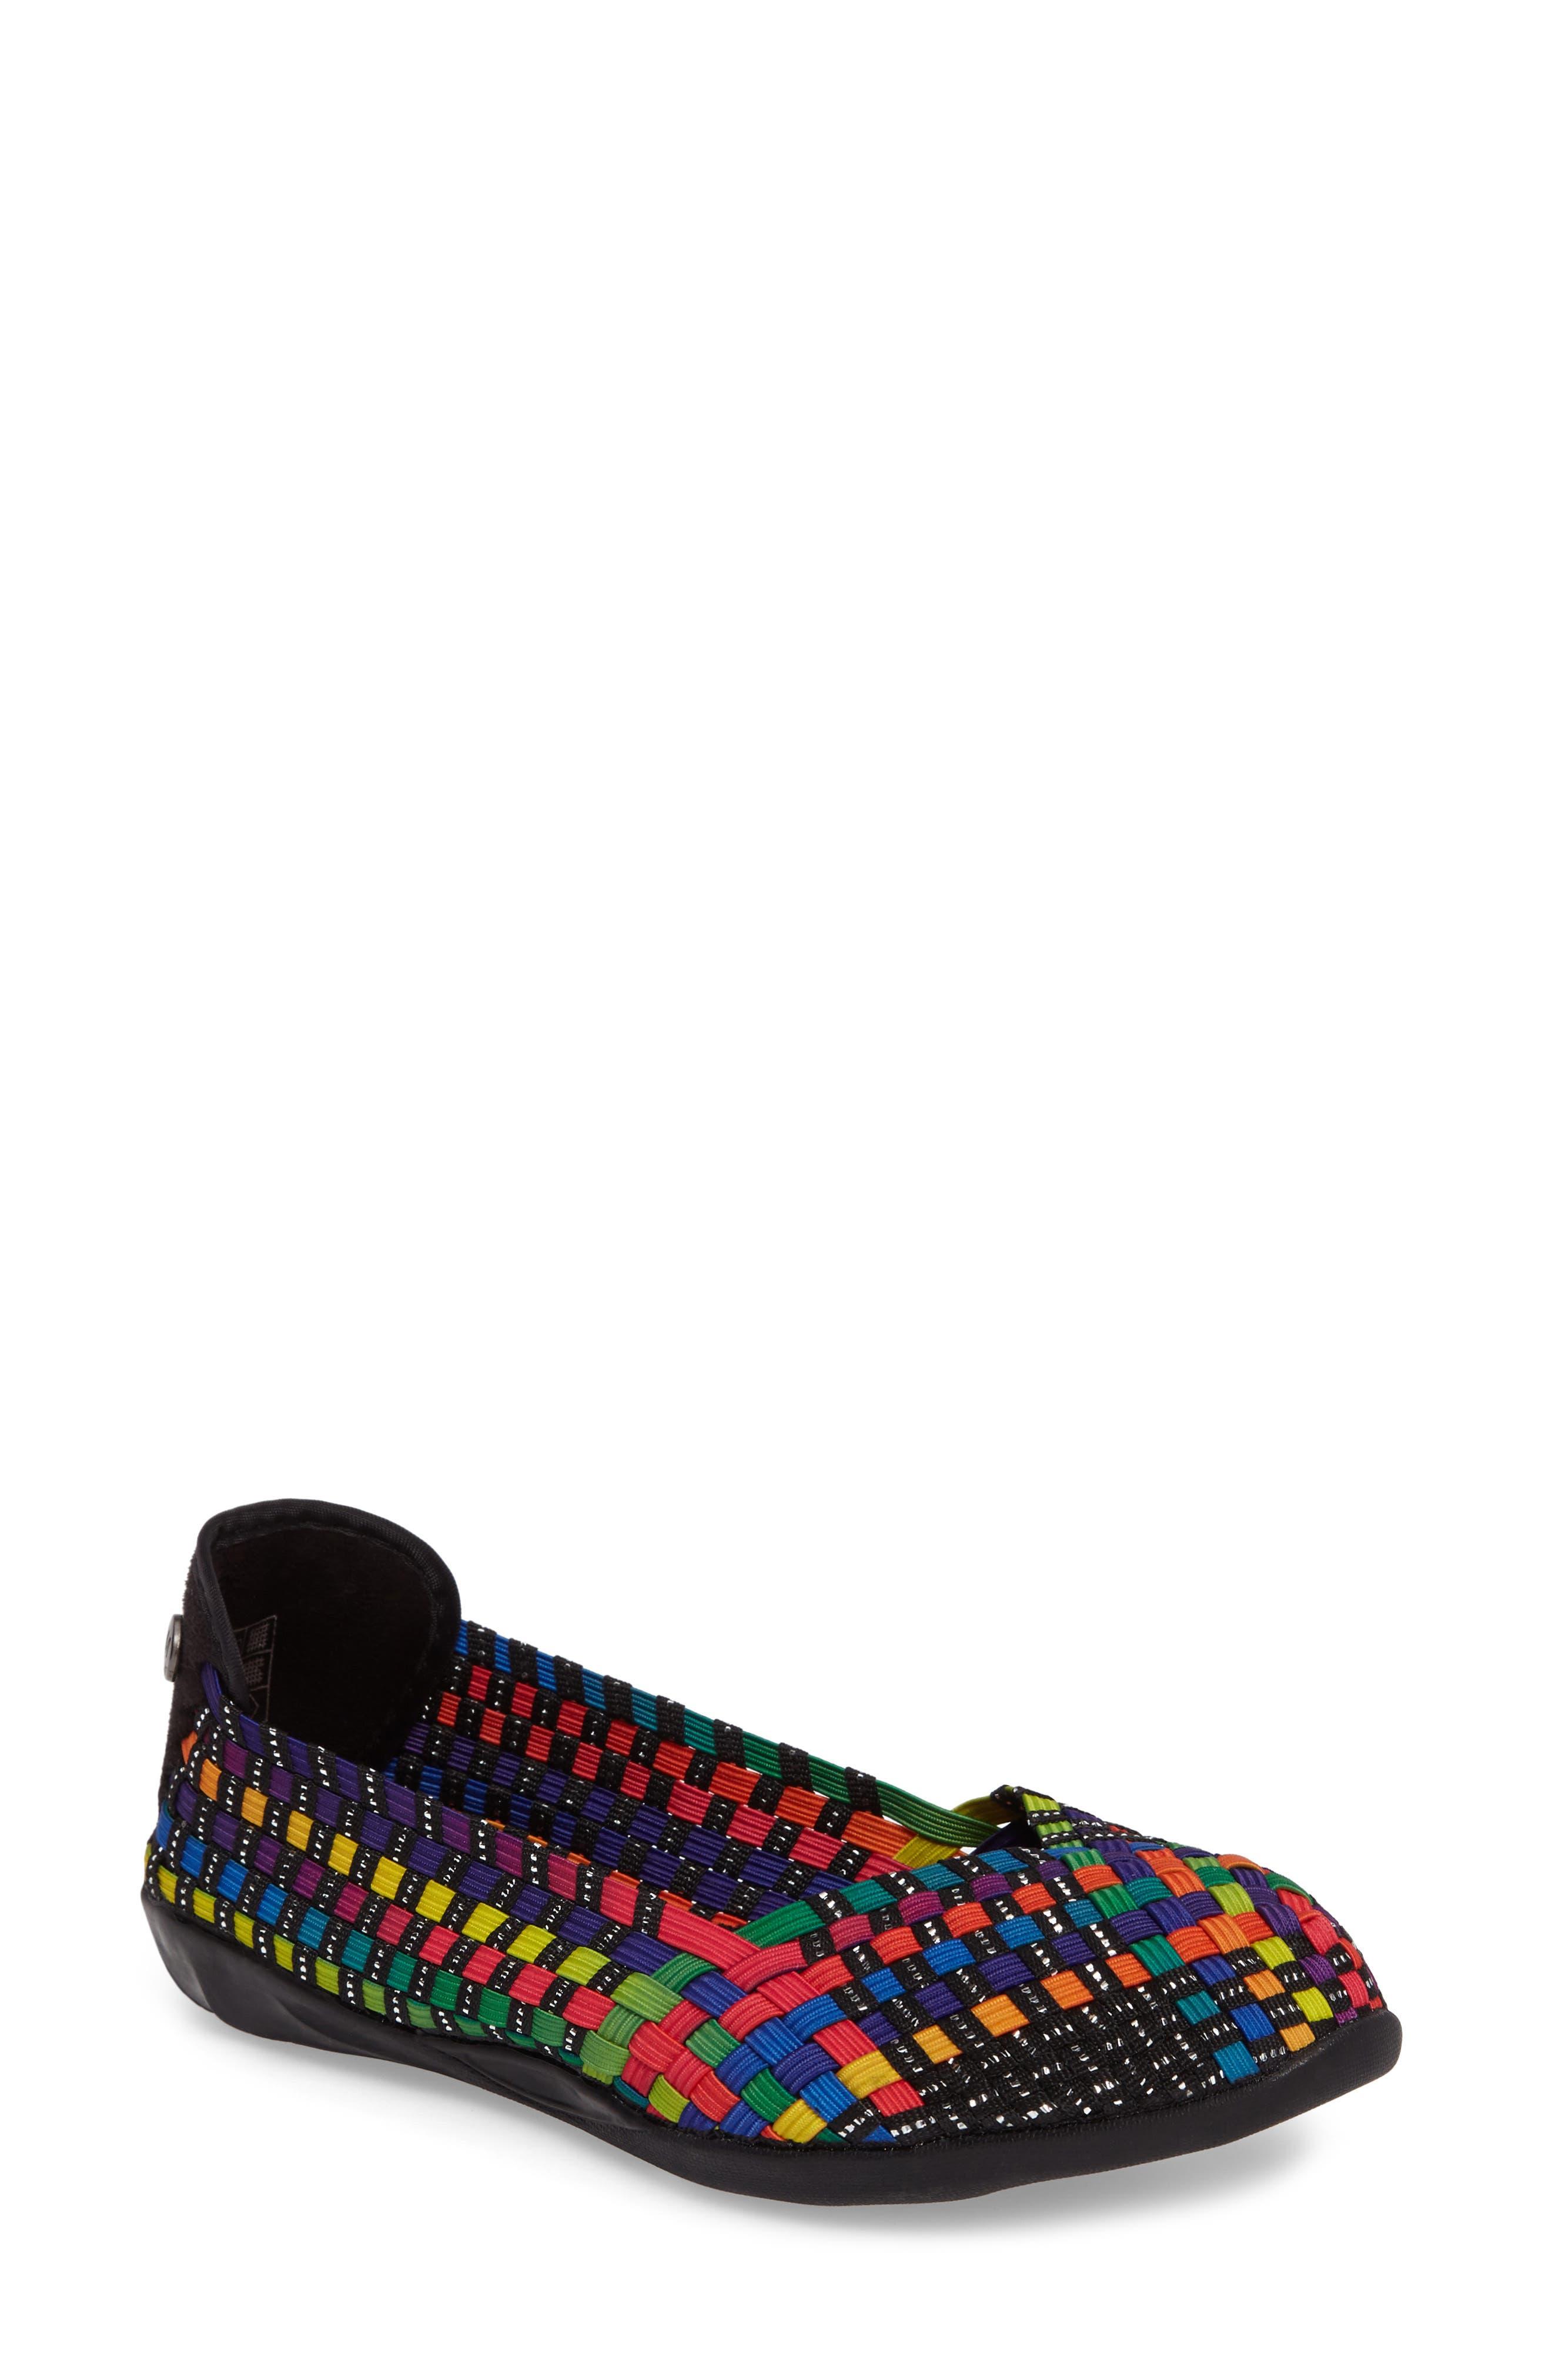 Catwalk Sneaker,                         Main,                         color, Black Multi